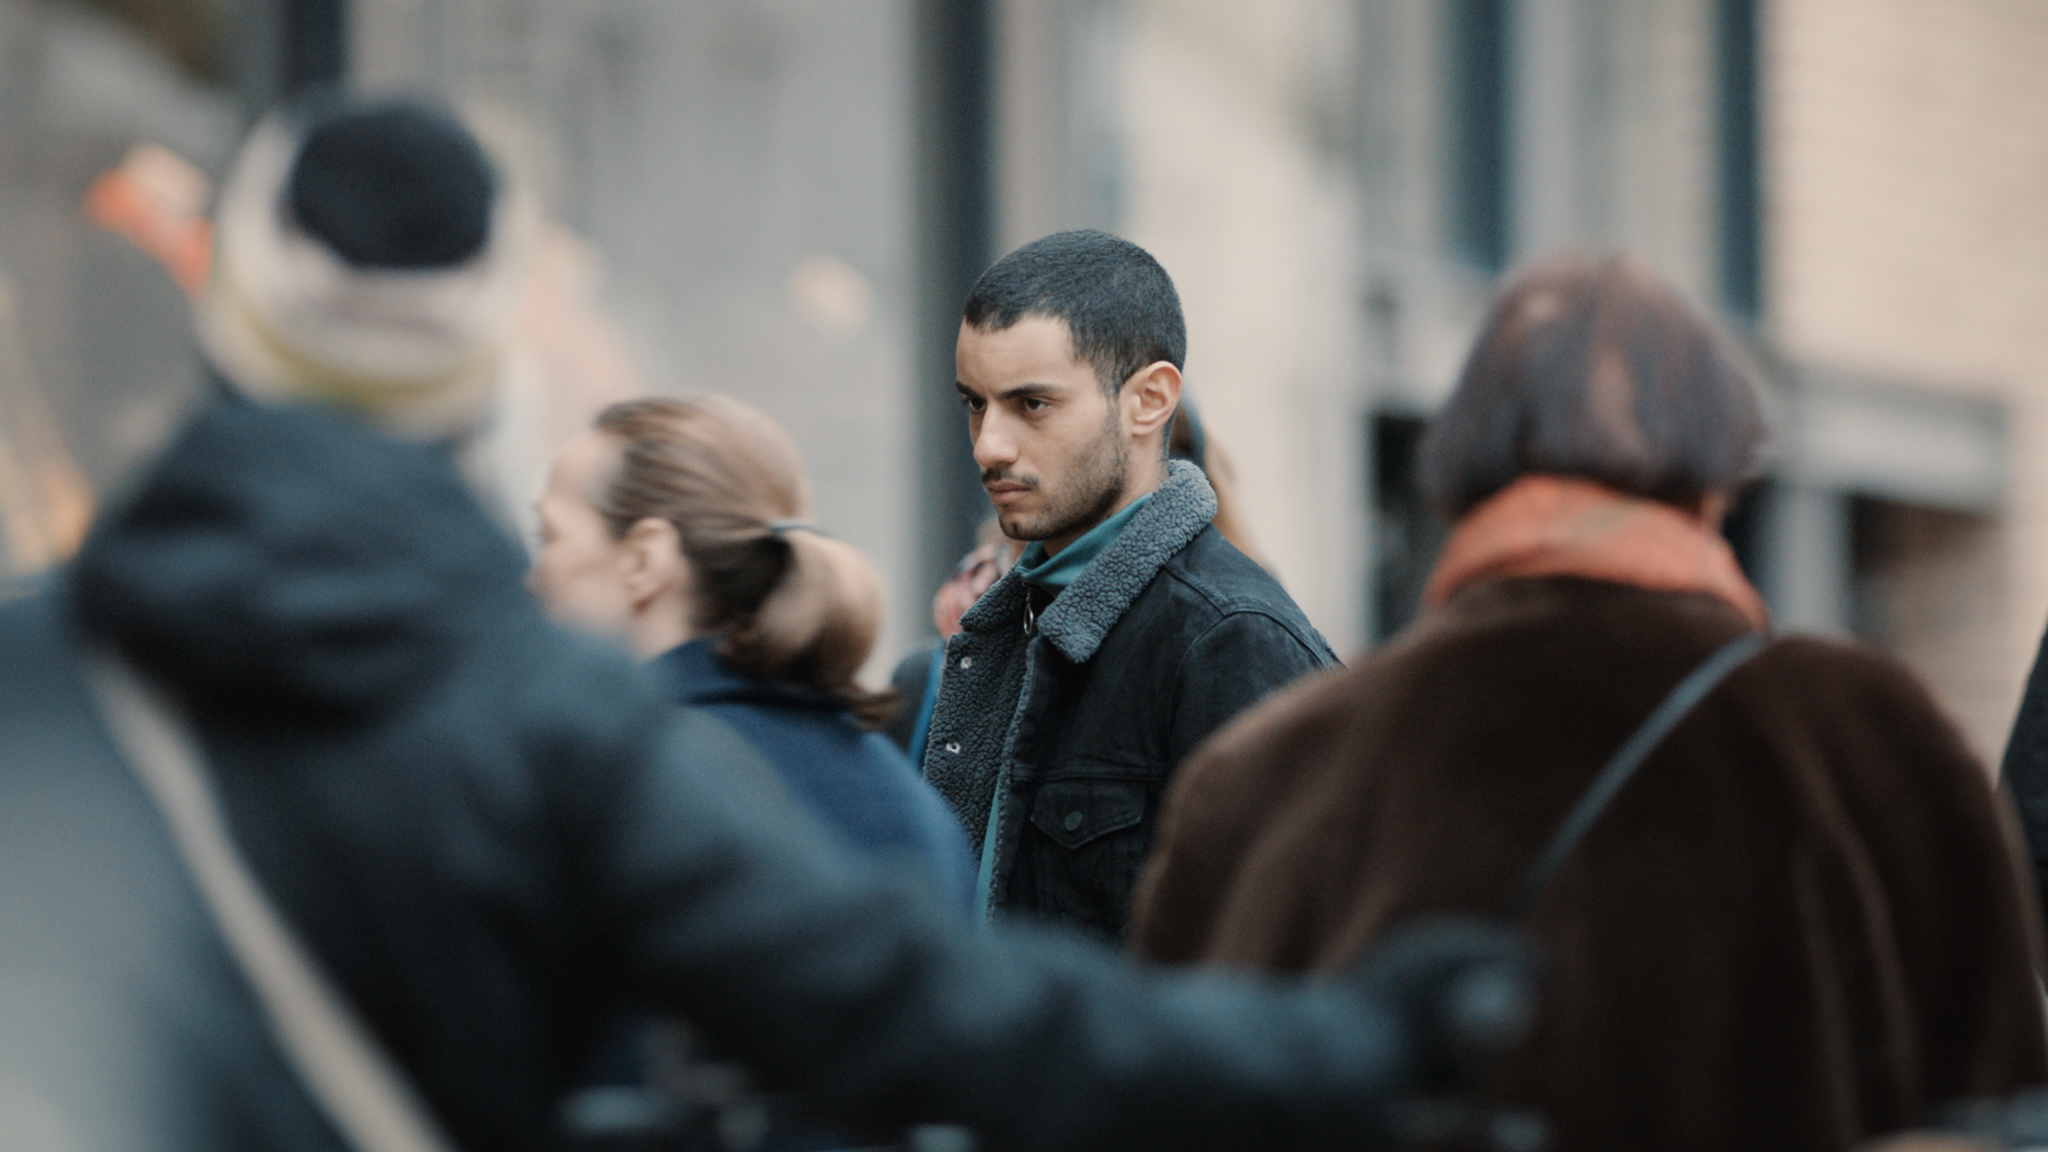 Karim steht mit ernstem Blick im Zentrum des Bildes in Nur ein Augenblick. Die Passanten um ihn herum sind unscharf.